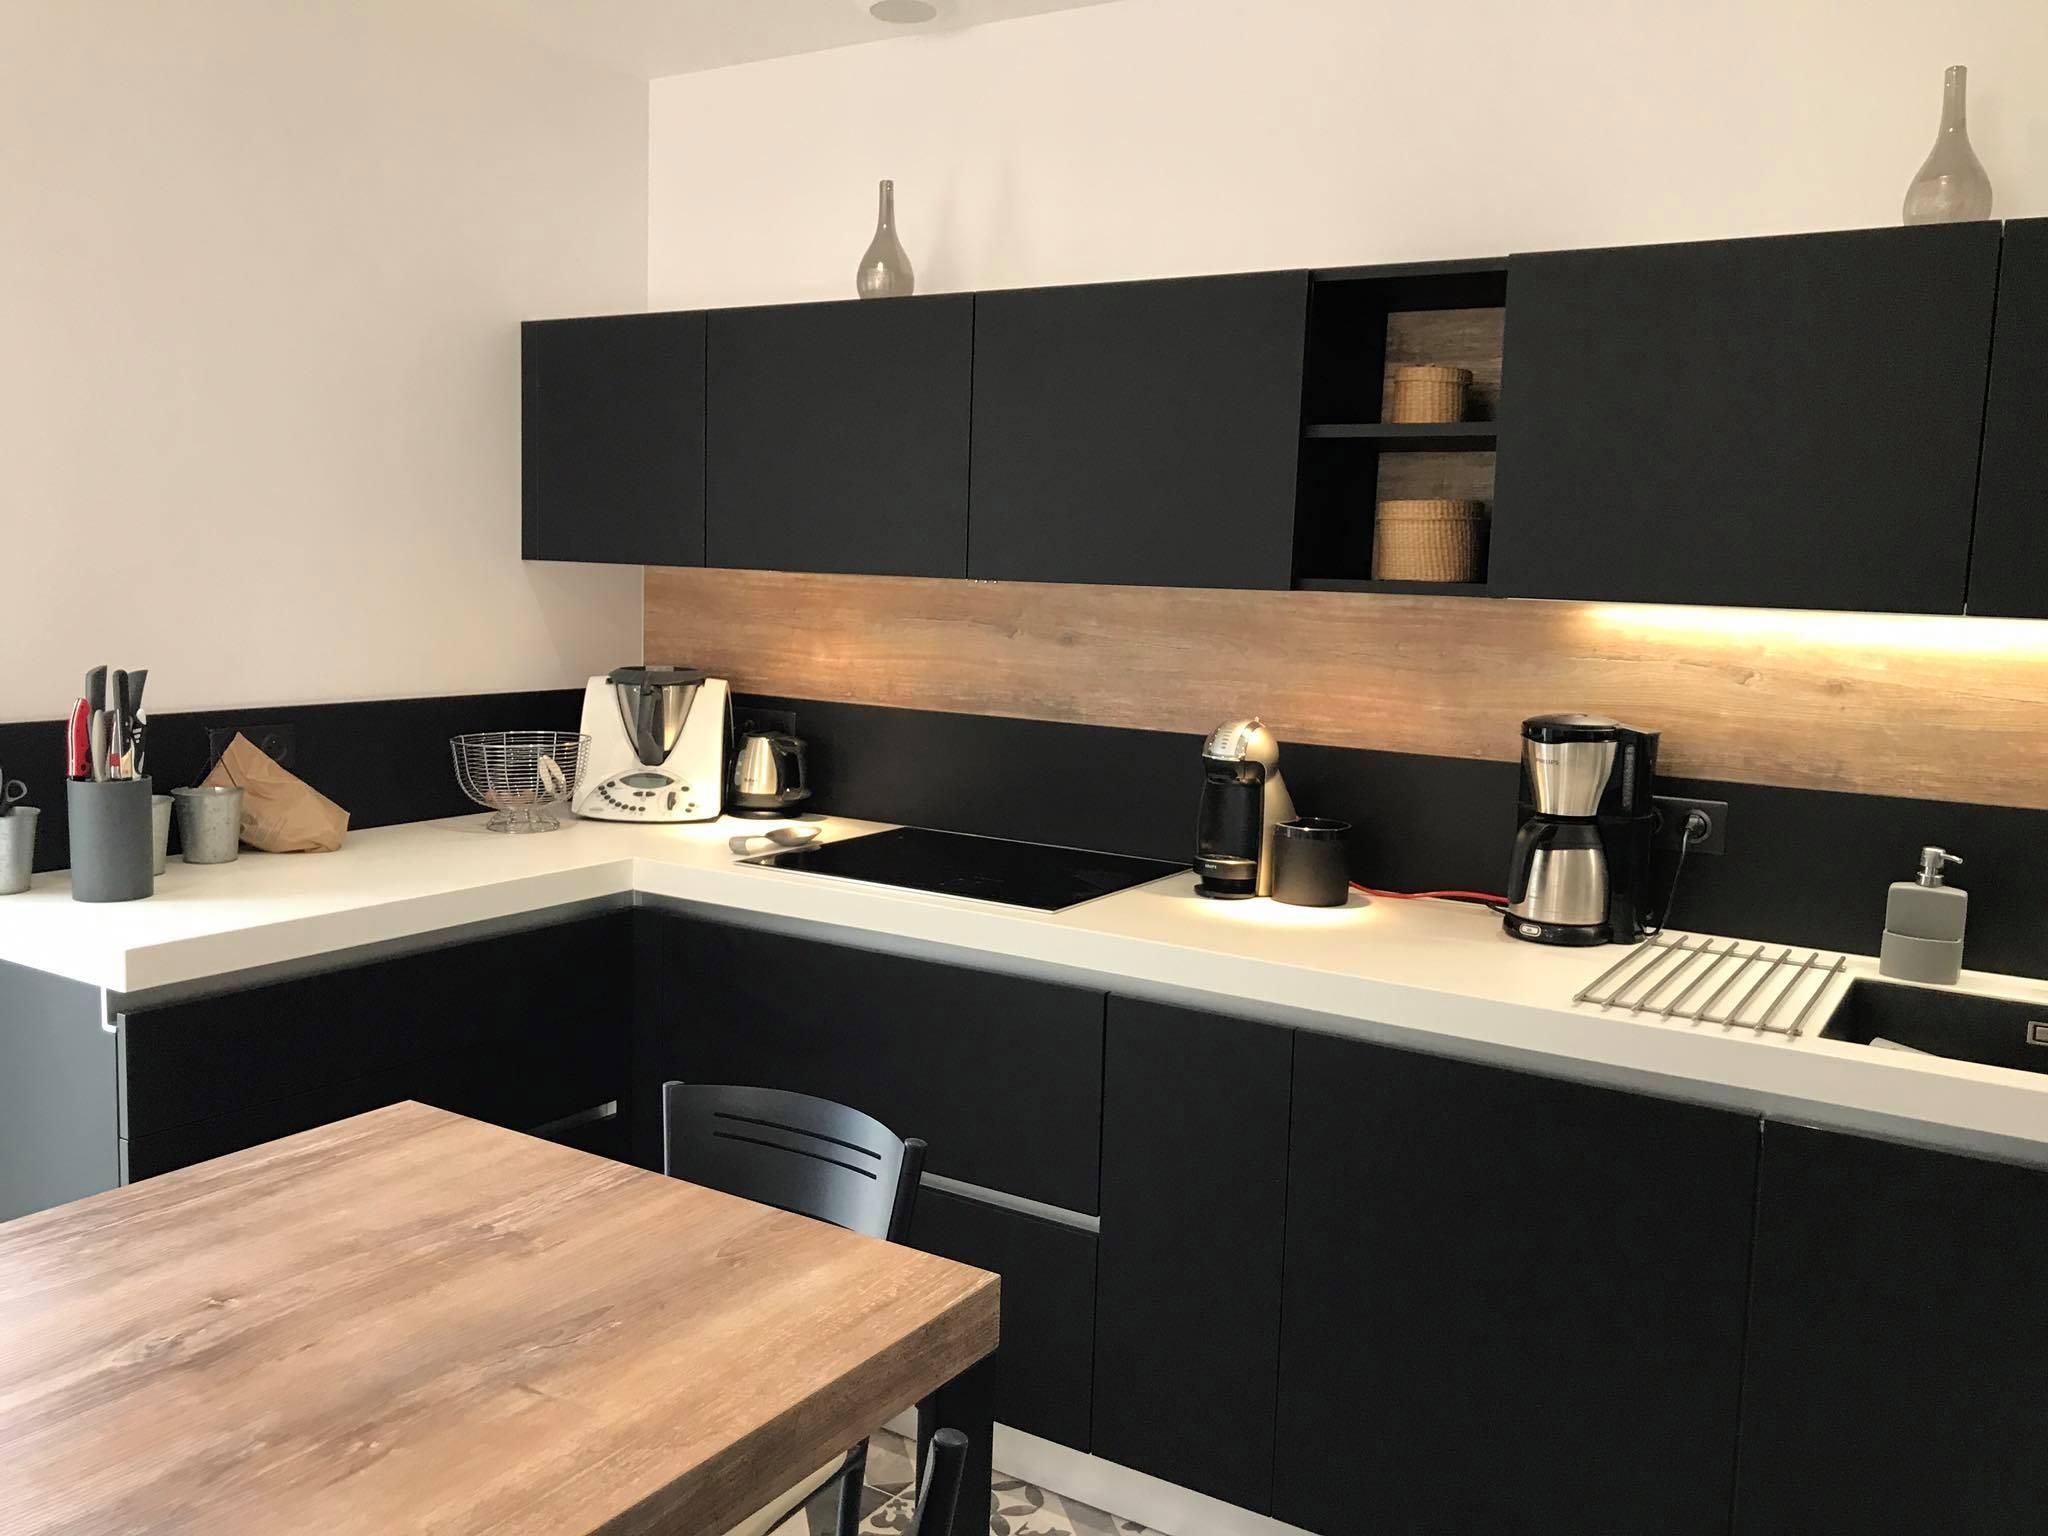 merveilleux cuisine noir mat et bois stunning contemporary design trends 2017 noire blanche nouveau meuble de kitchenaid maison mobilier d int c3 83 c2 a9rieur of id